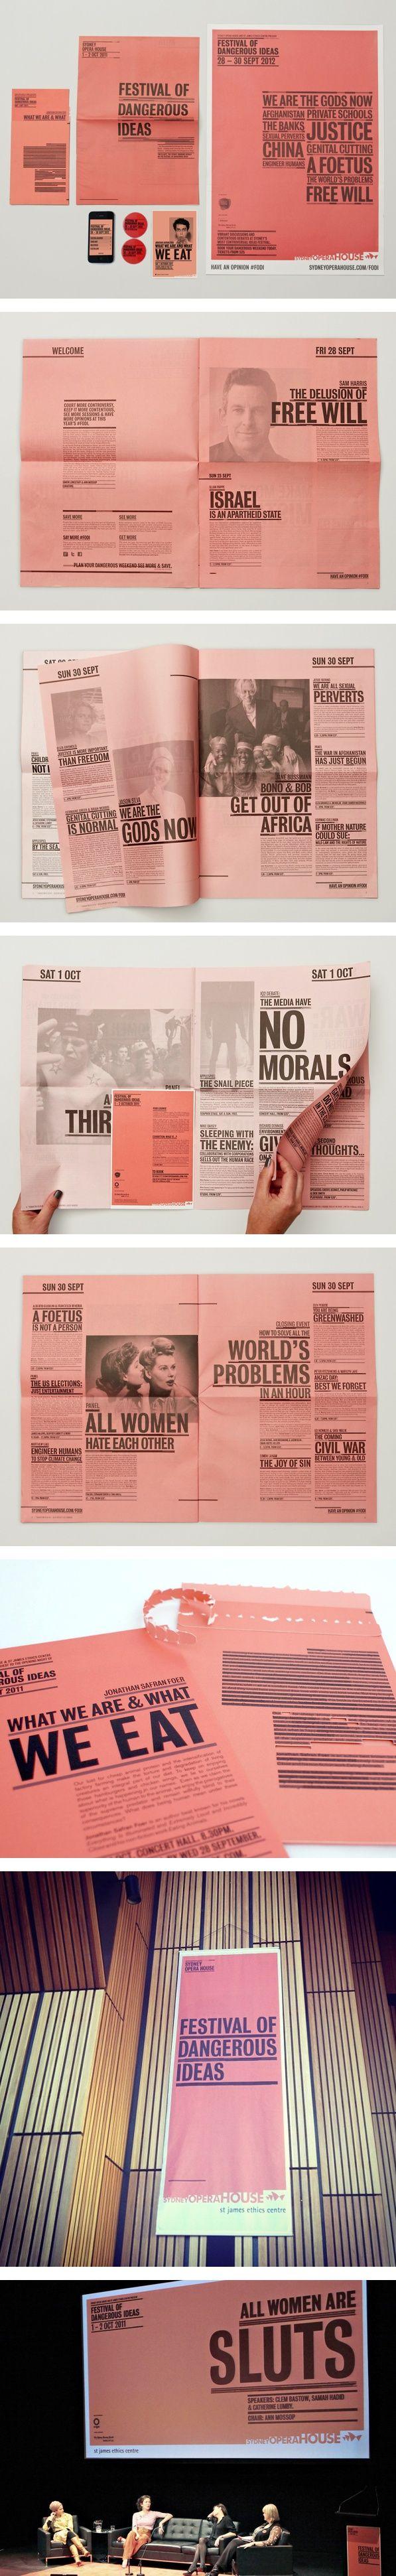 Hacer algo diferente y fuera de lo convencional como los colores planos de fondos, rompiendo así con el esquema de fondo blanco al que acostumbran los periódicos.